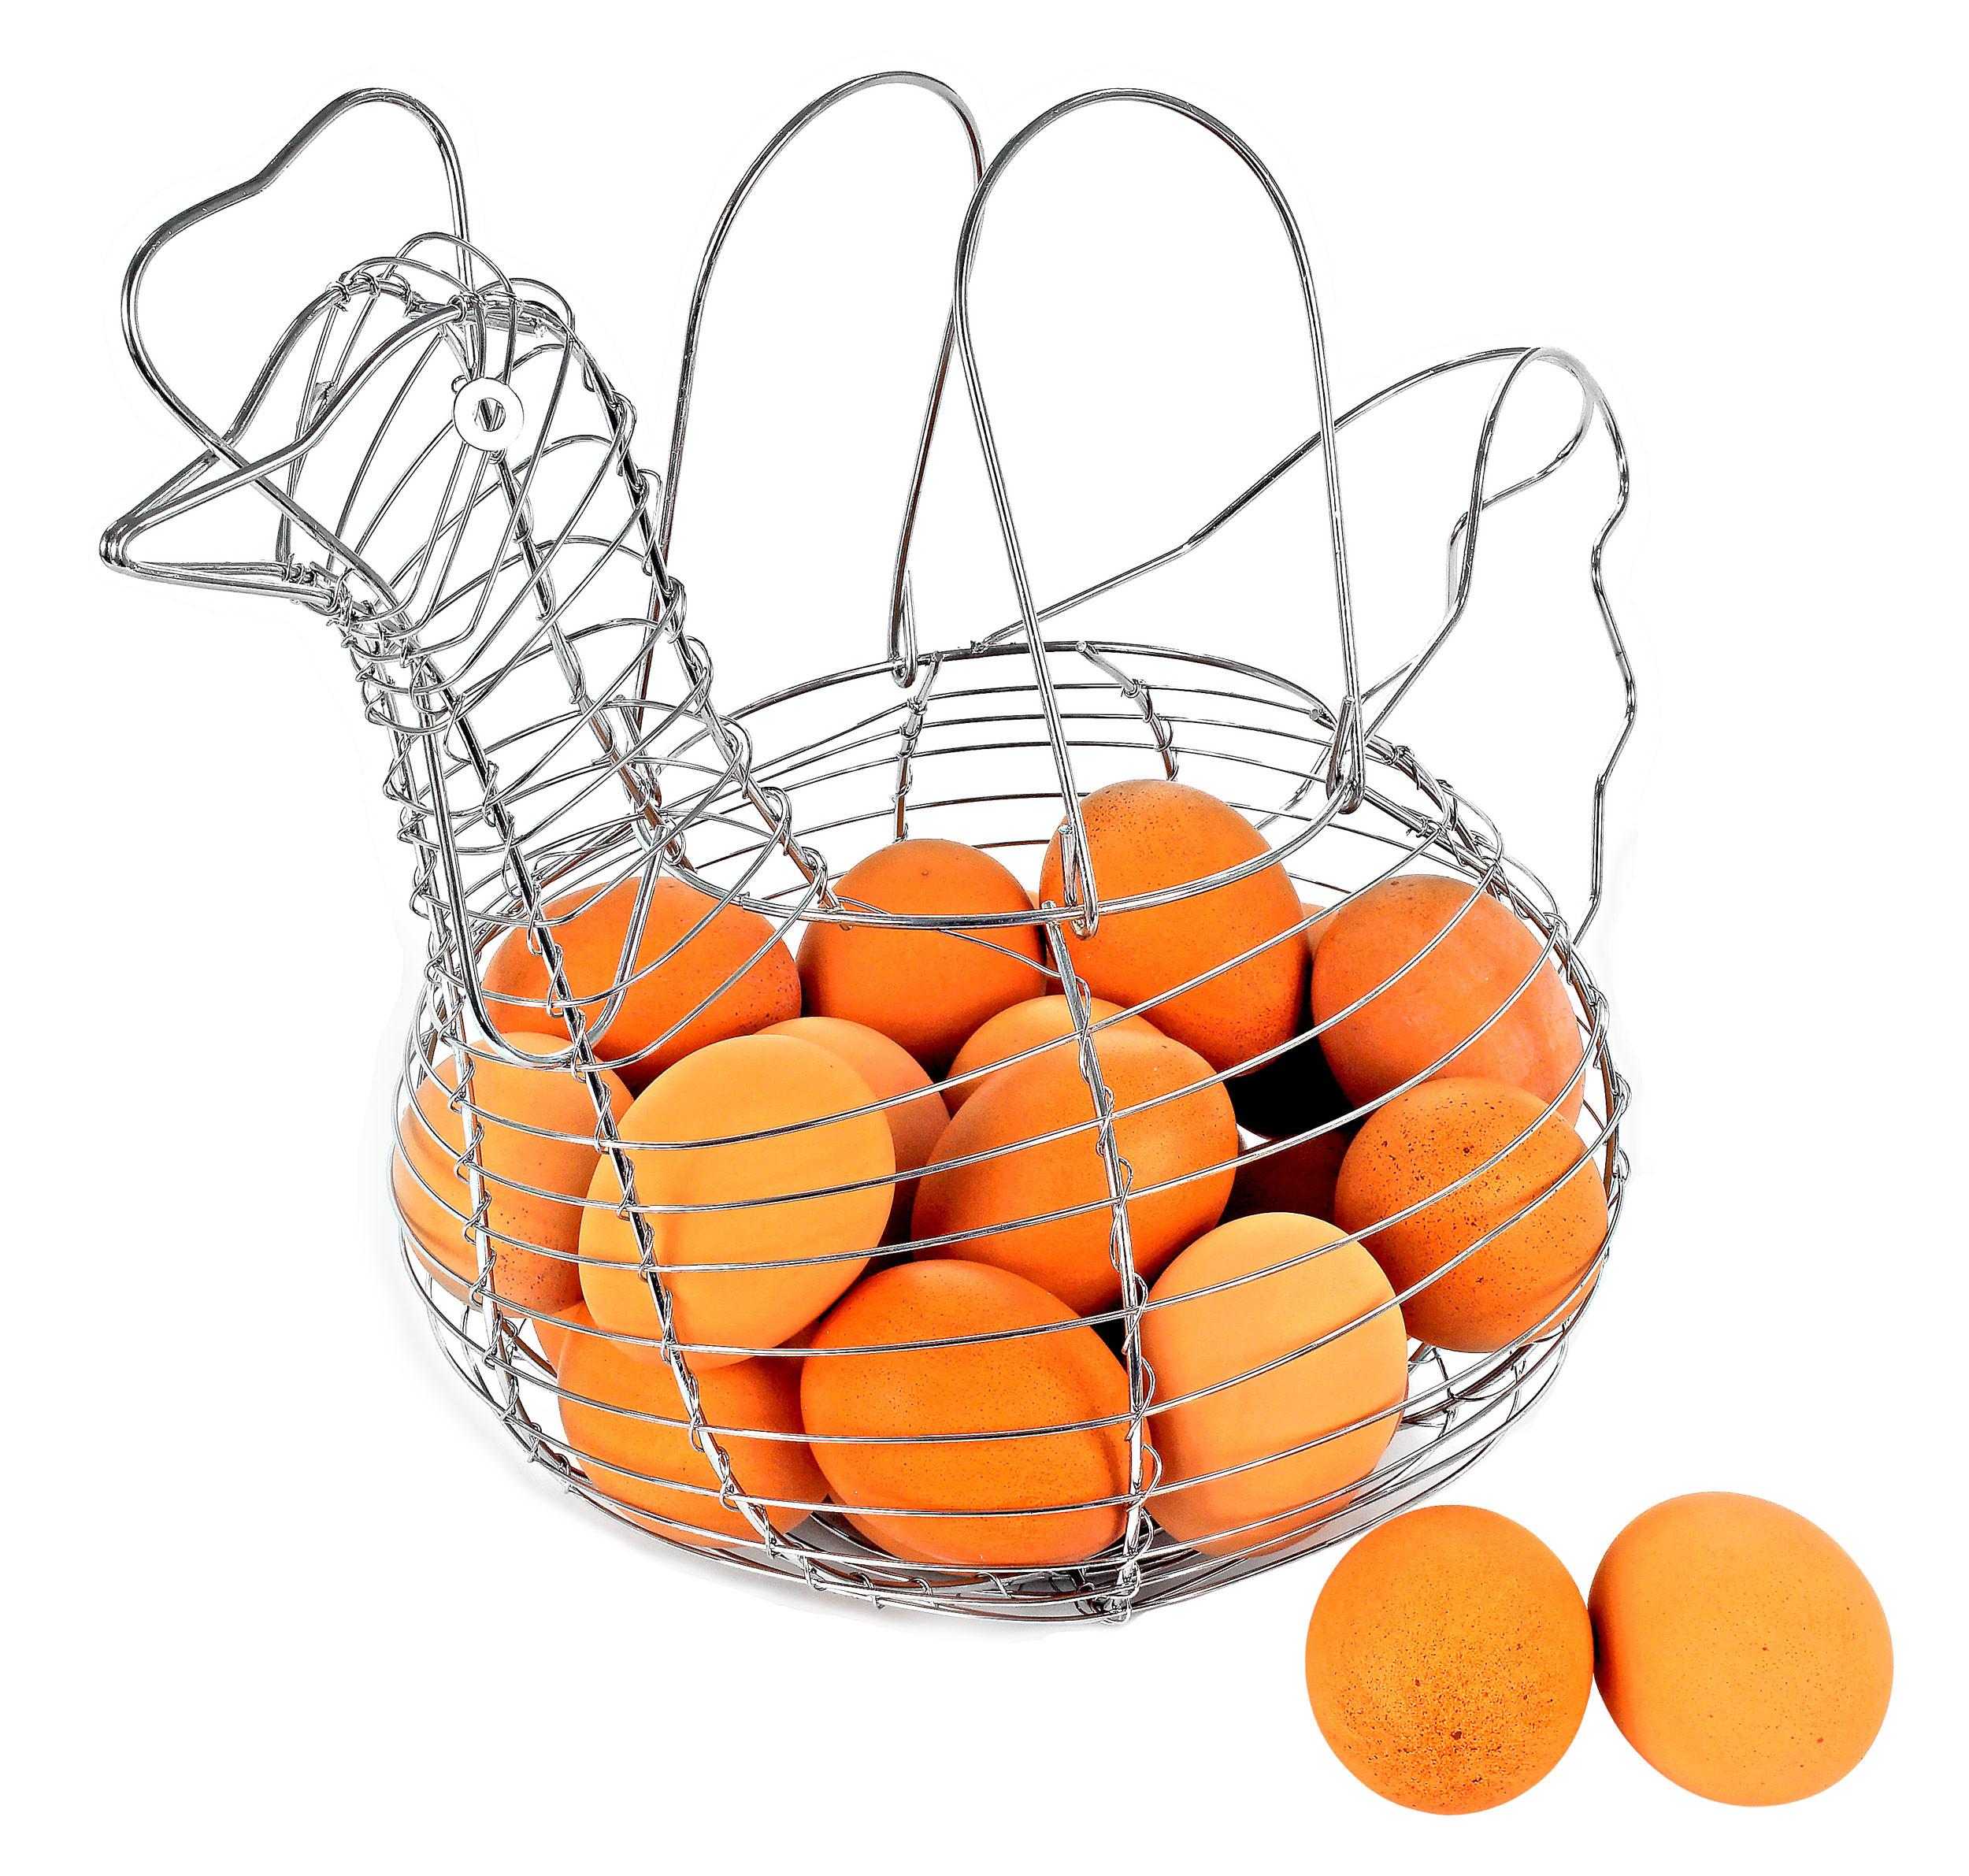 Chicken Egg Wire Basket